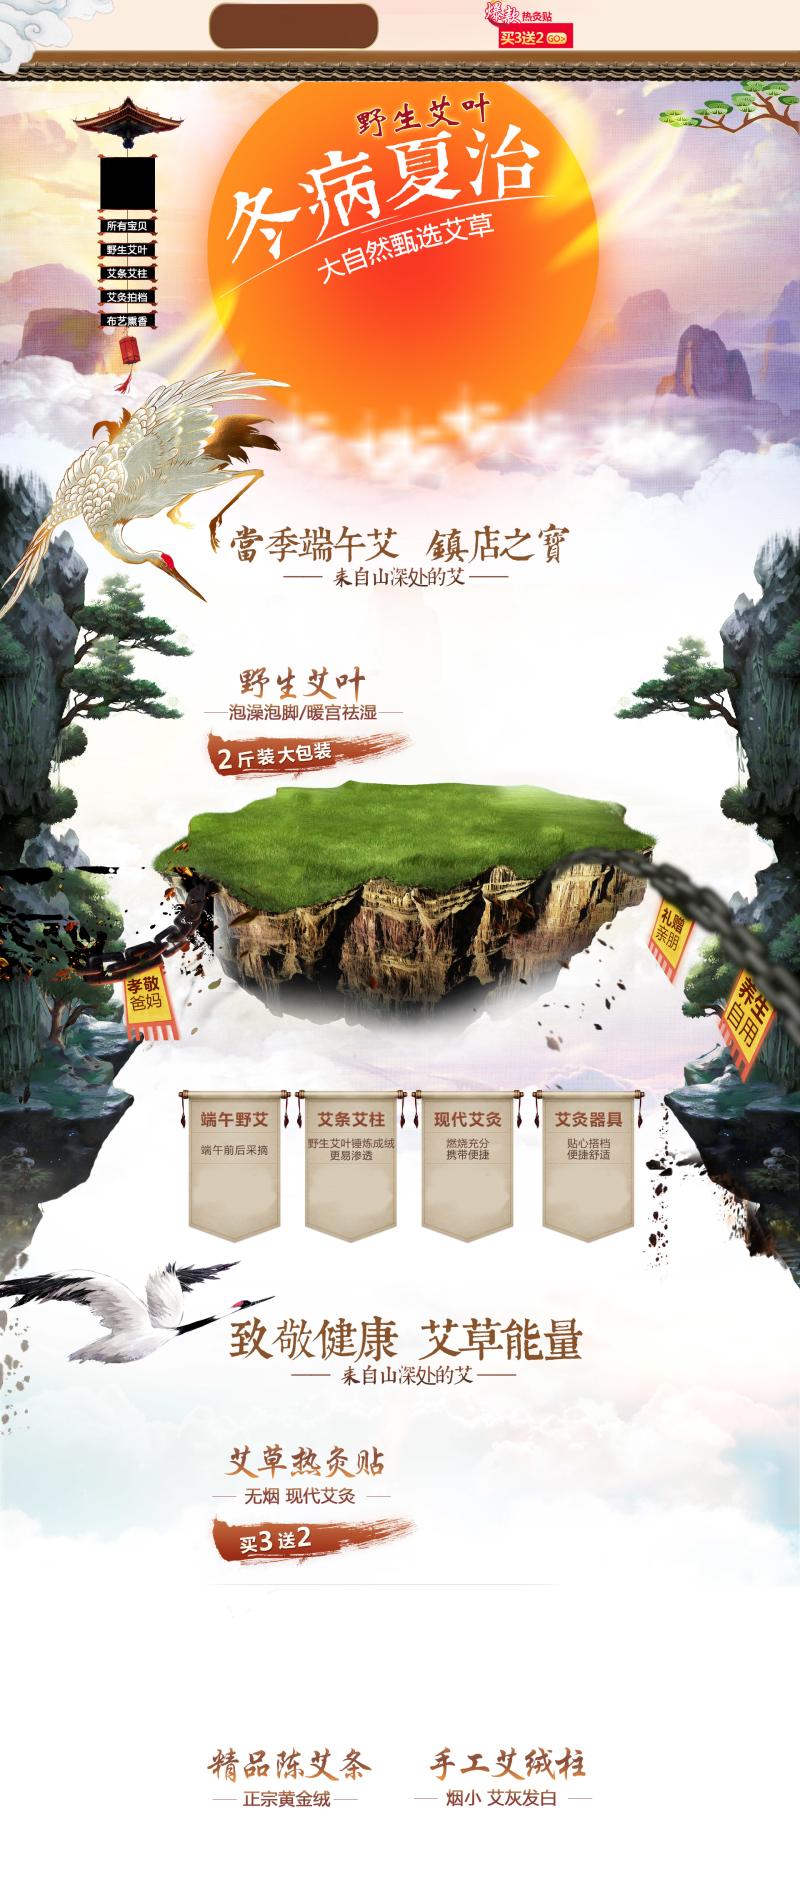 中国风养生中药药材店铺首页背景